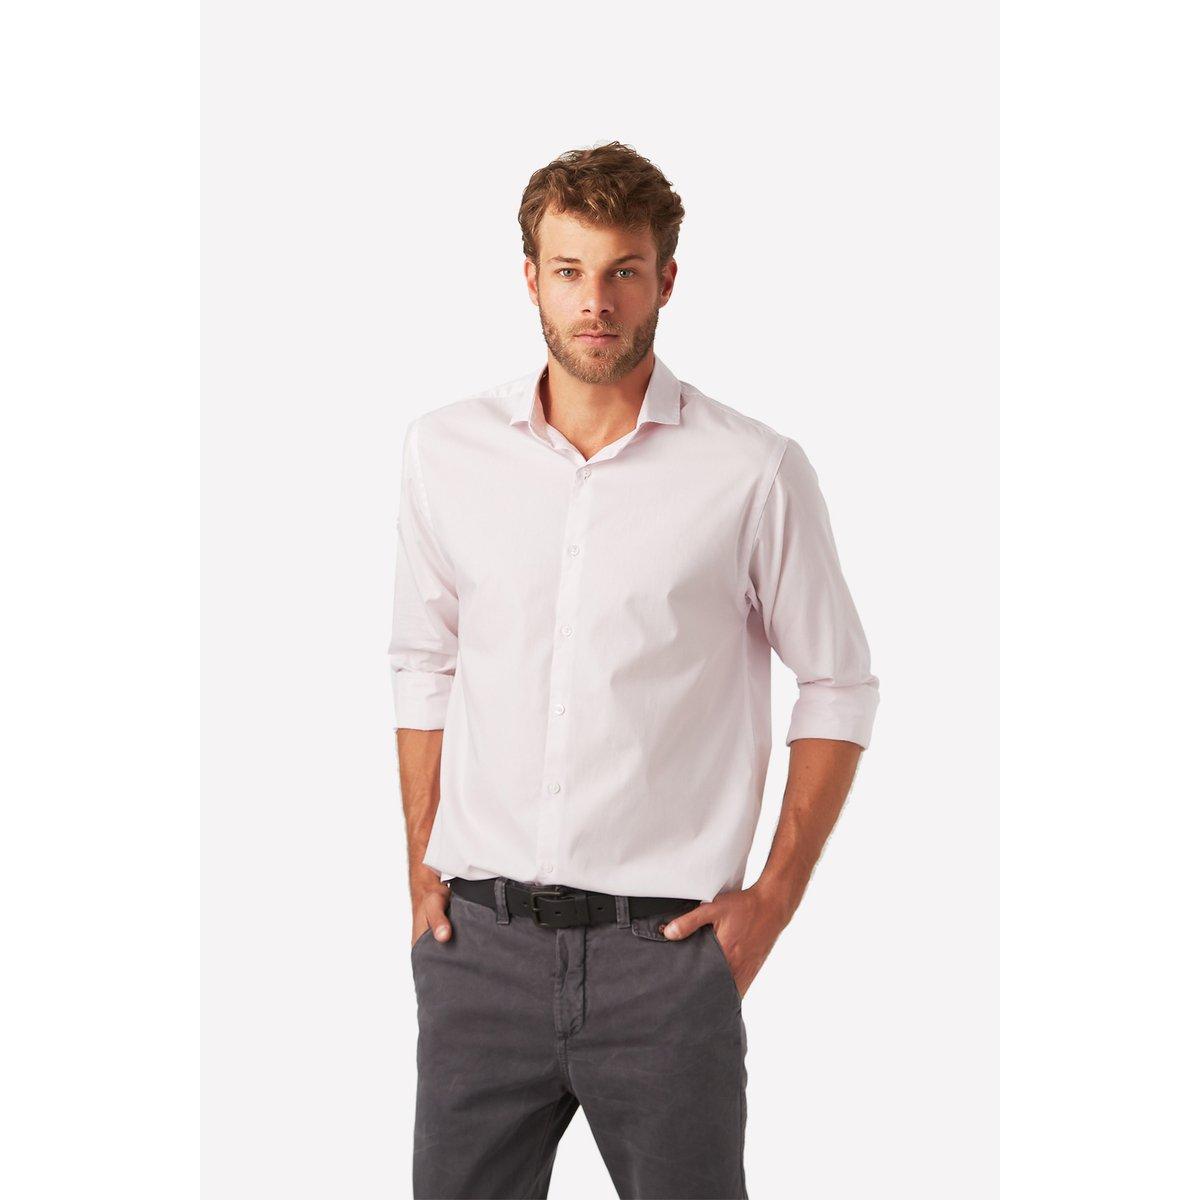 c13191e6c7 Camisa Social Foxton Ml Copenhague Masculina - Compre Agora